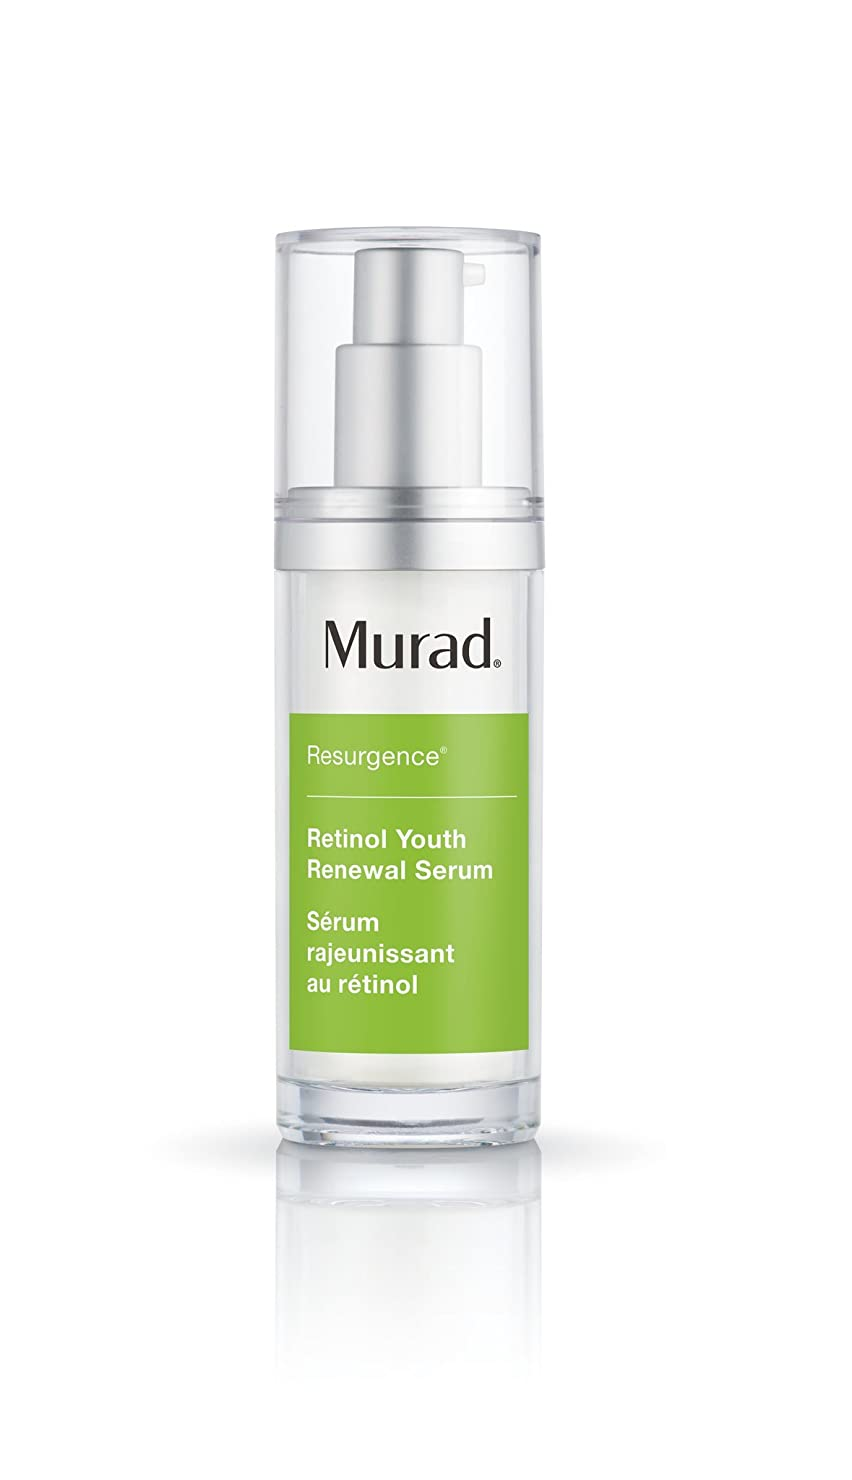 発揮する普遍的な航空ミュラド Resurgence Retinol Youth Renewal Serum 30ml/1oz並行輸入品